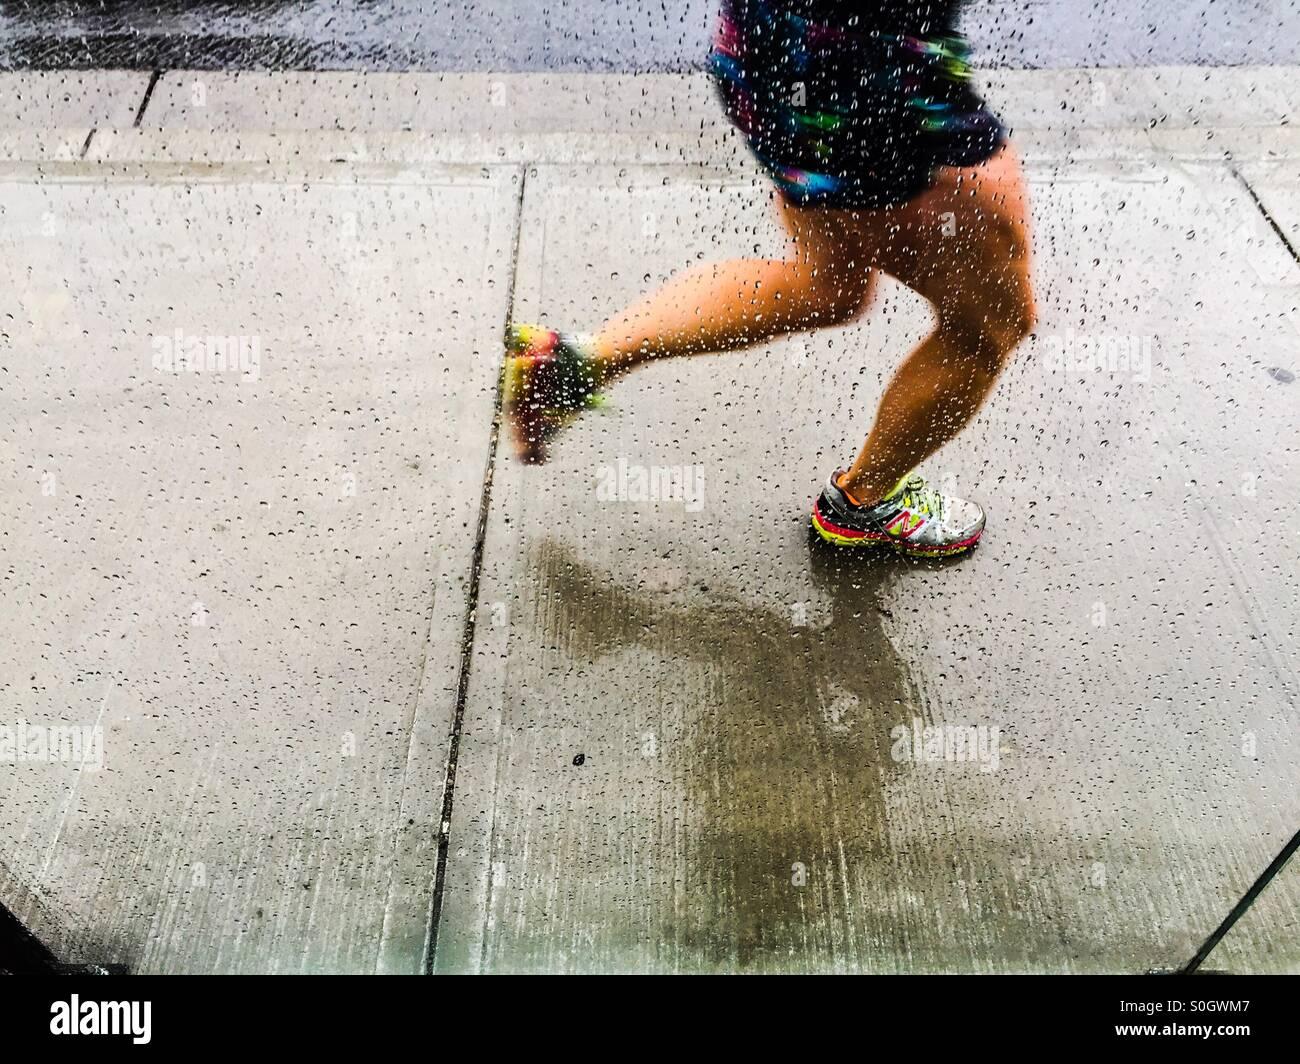 Pareggiatore sotto la pioggia Immagini Stock